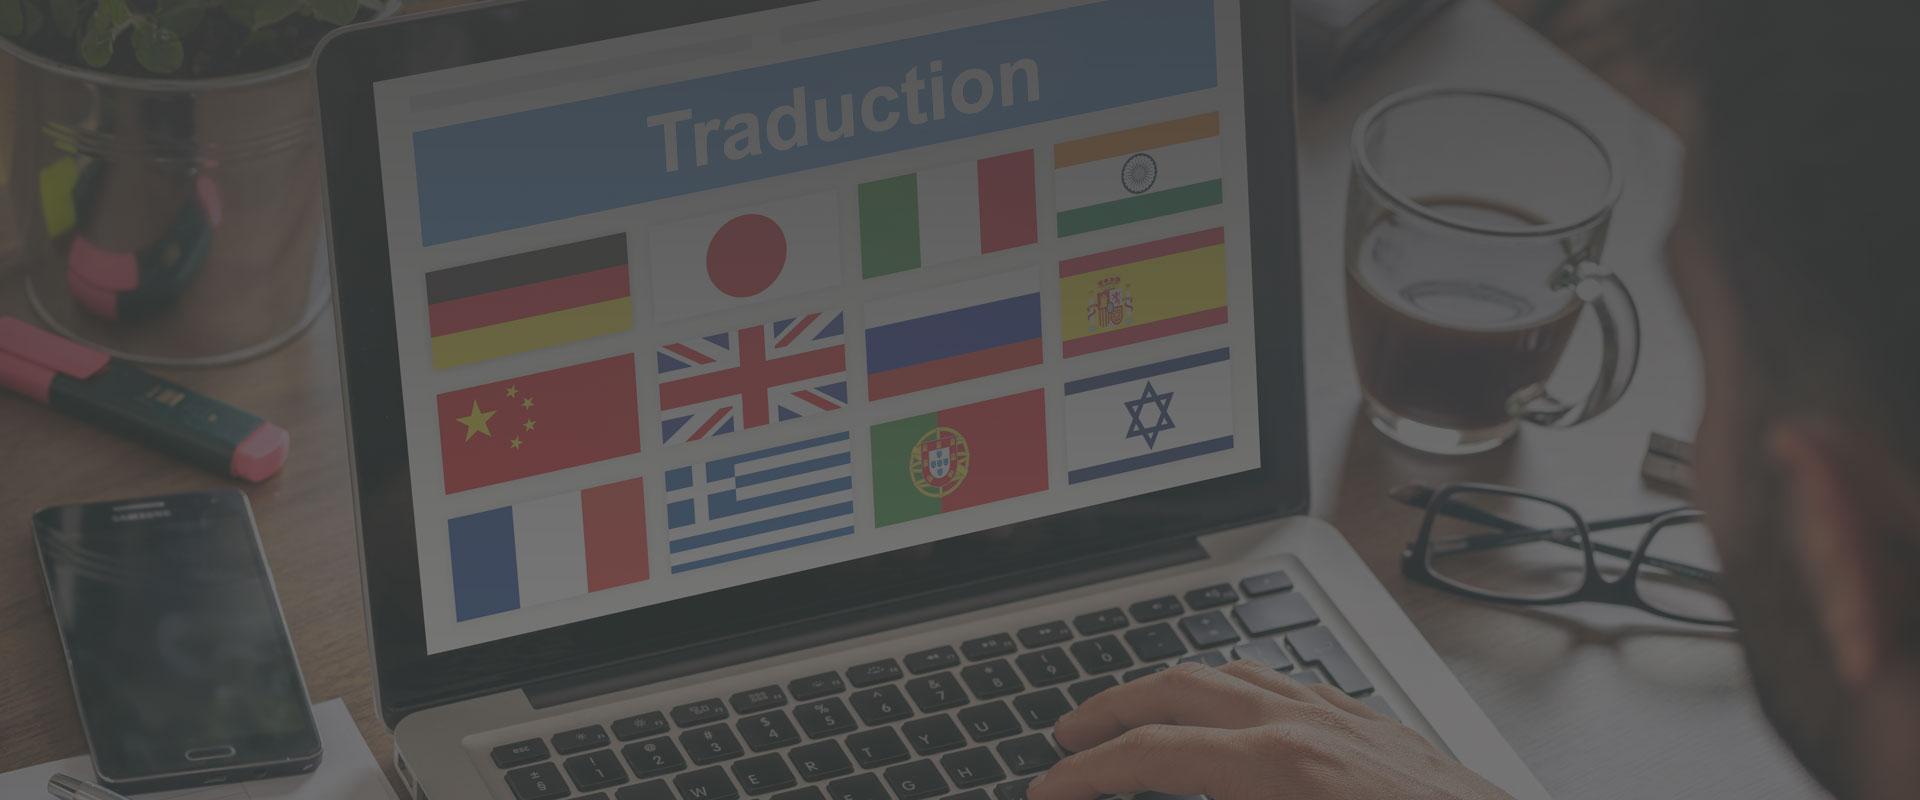 Les technologies de gestion de traduction